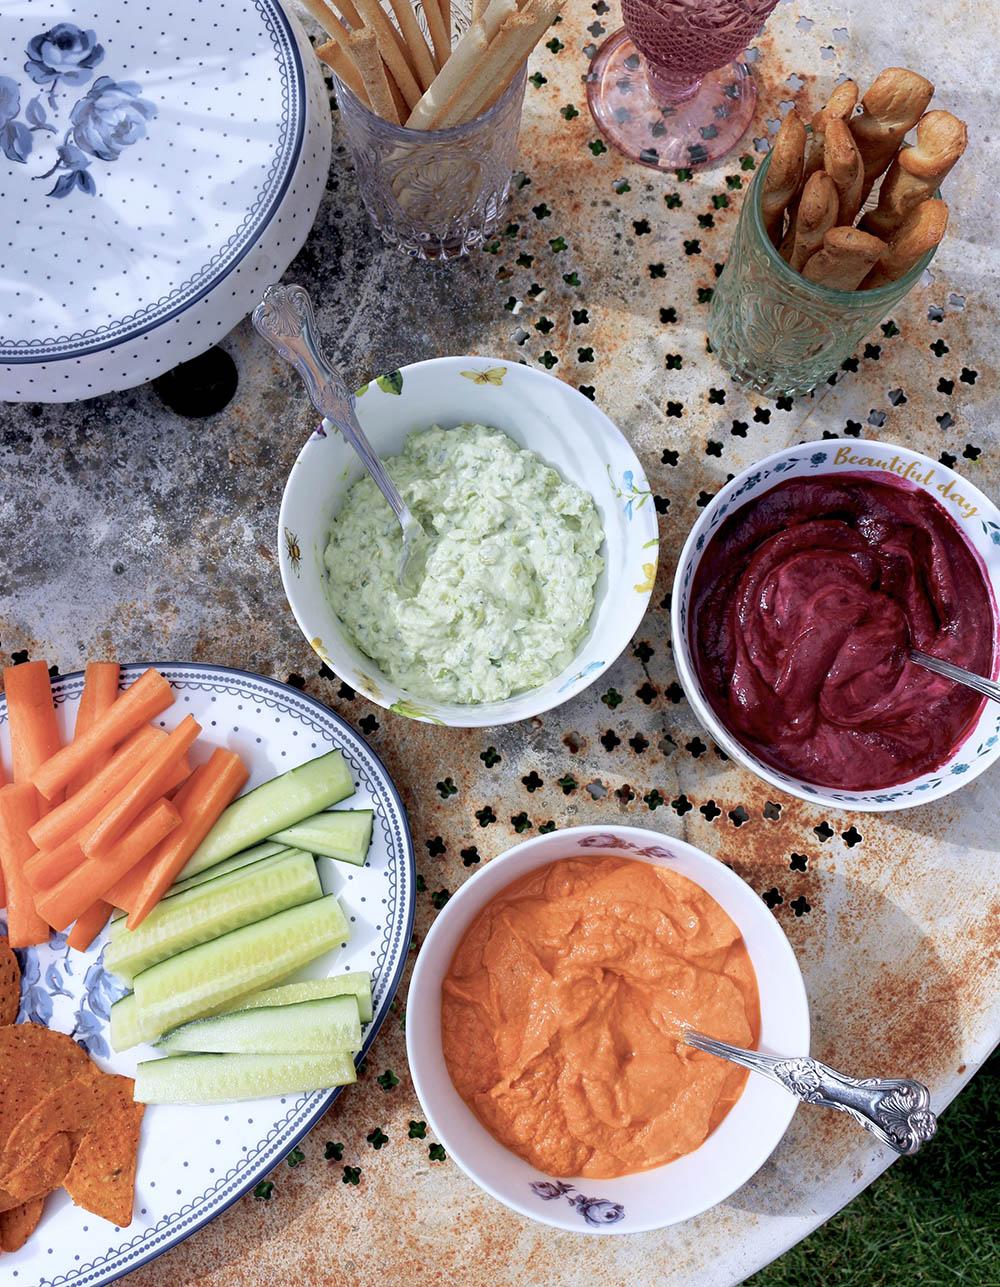 Homemade Dips for Summer Days